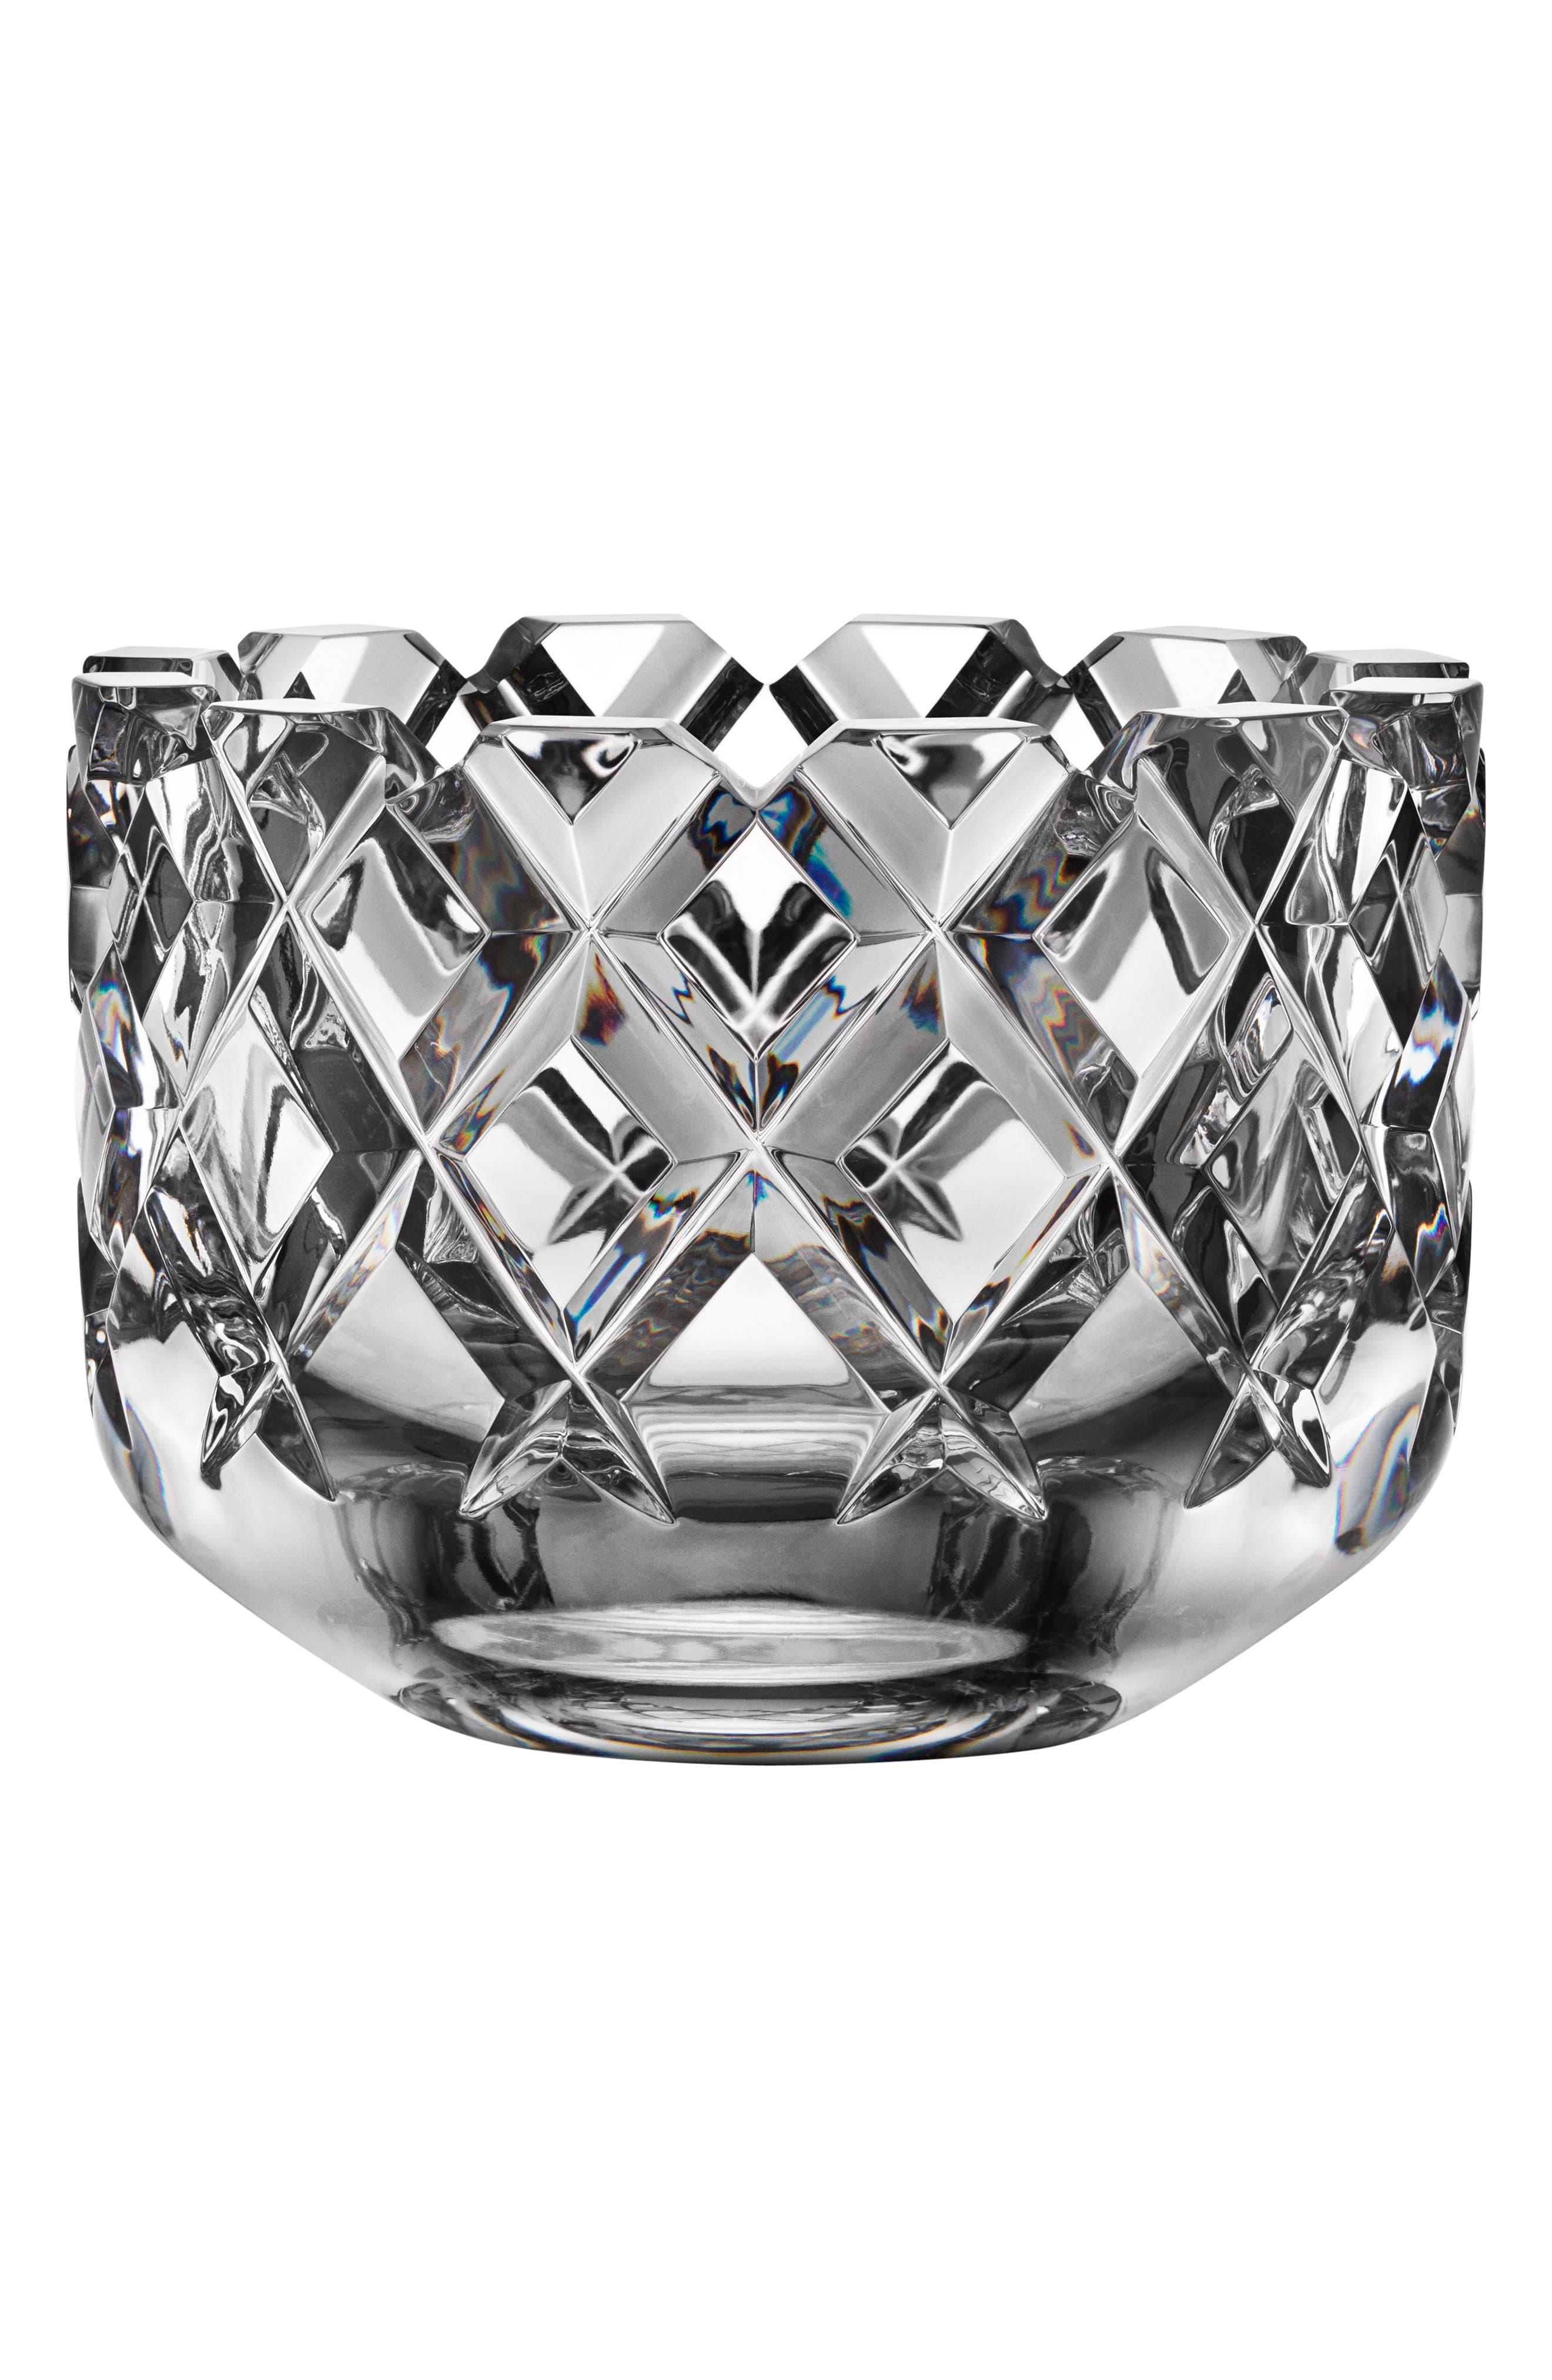 Sofiero Medium Crystal Bowl,                         Main,                         color, CLEAR